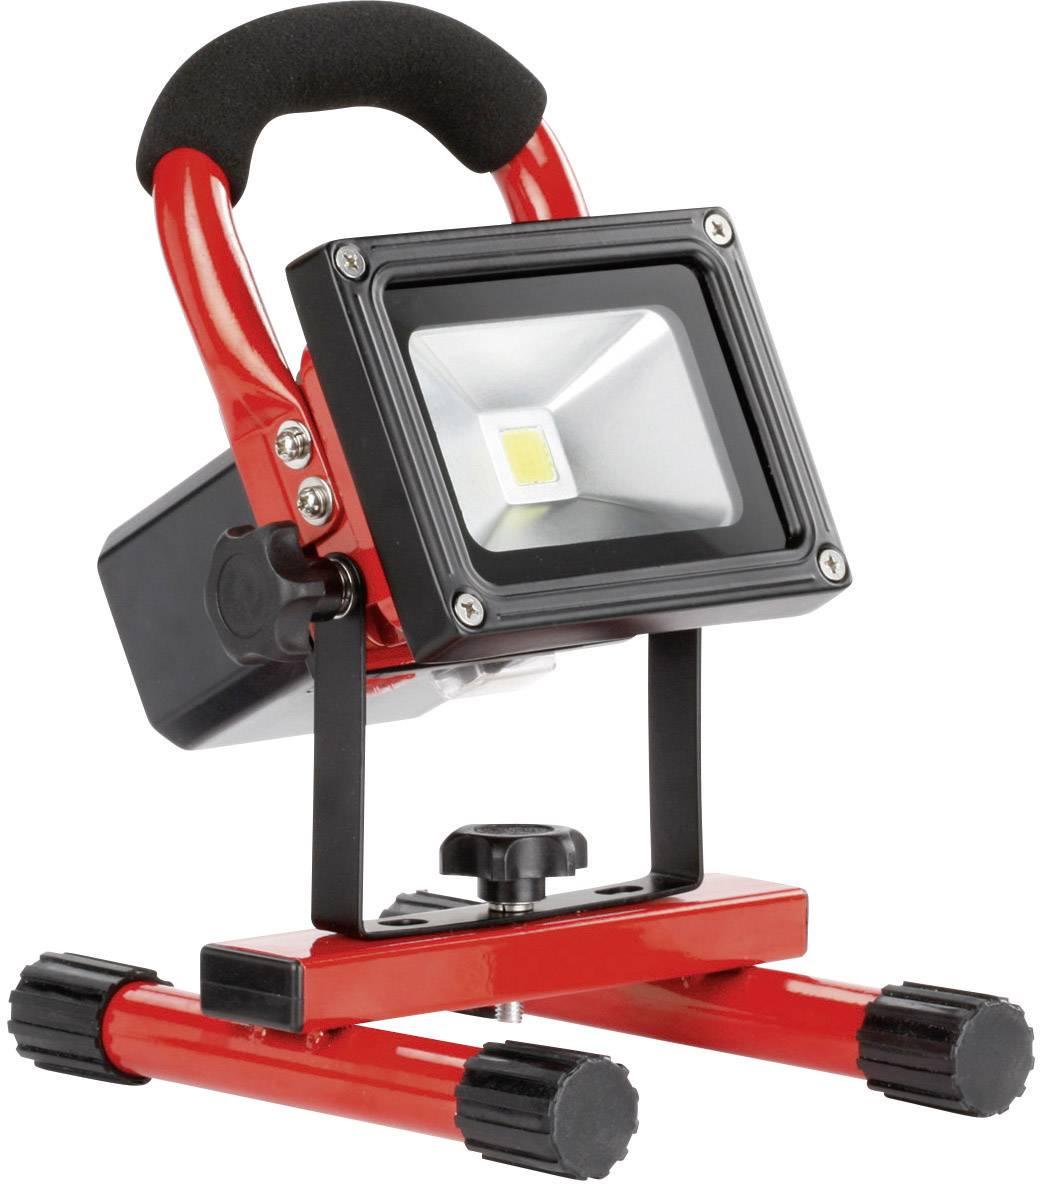 Akumulátorový stavební reflektor Ampercell 09000, 10 W, černá/oranžová